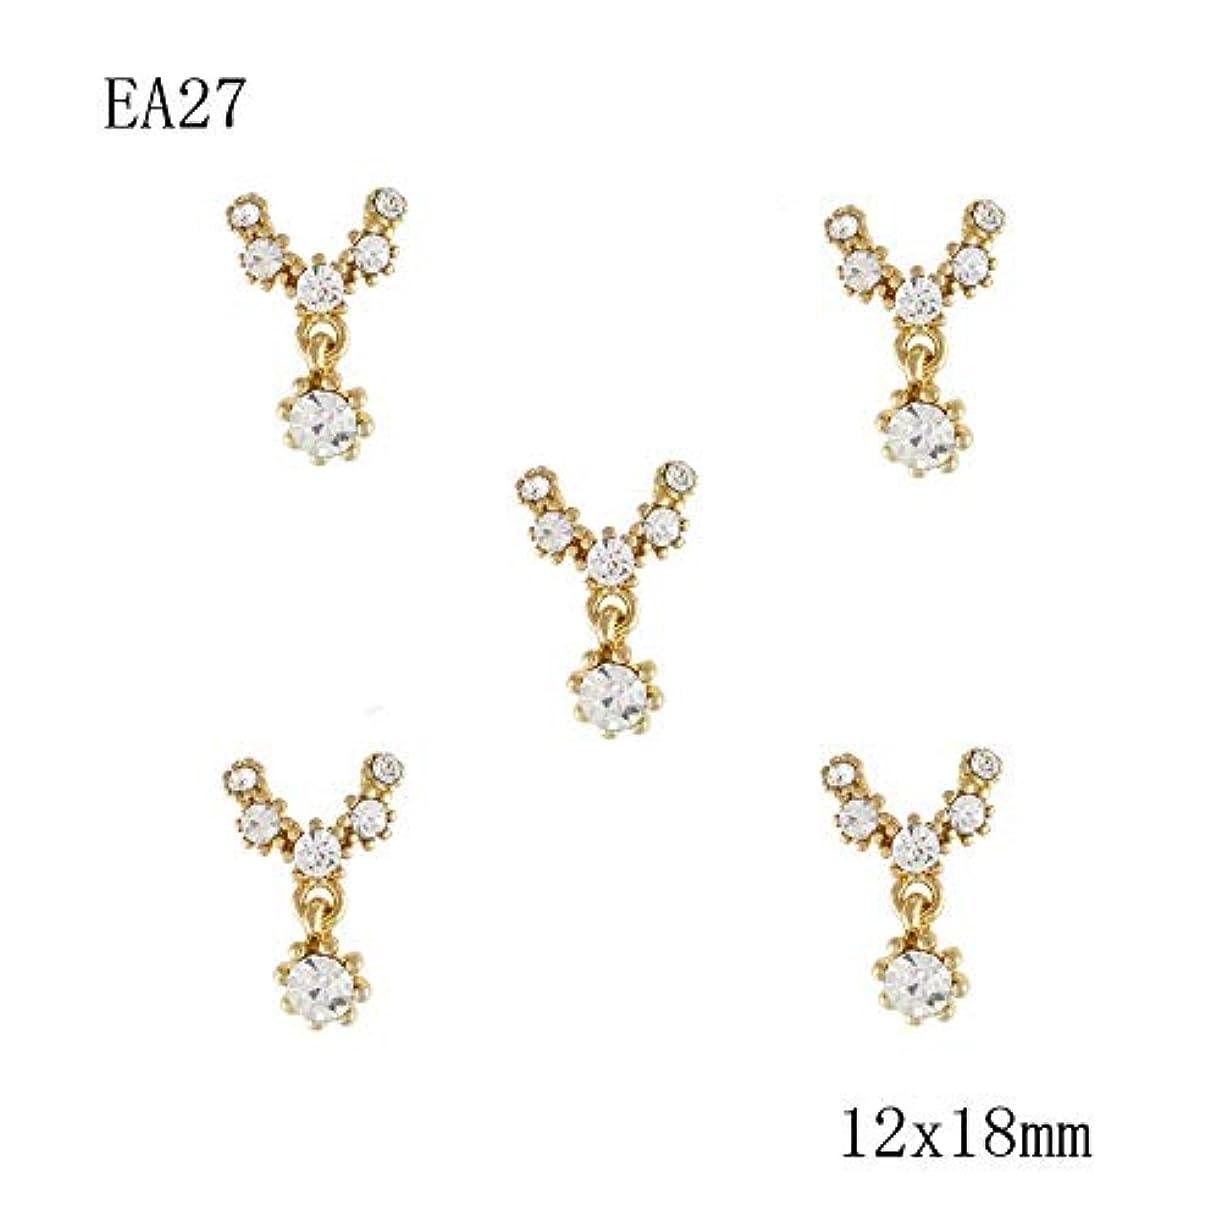 架空の充電古代10PCS金銀金属の3Dダイヤモンドネイルアートクリスマスの装飾の魅力の爪は、ラインストーンネイル用品の宝石クリスマスのキラキラ,21